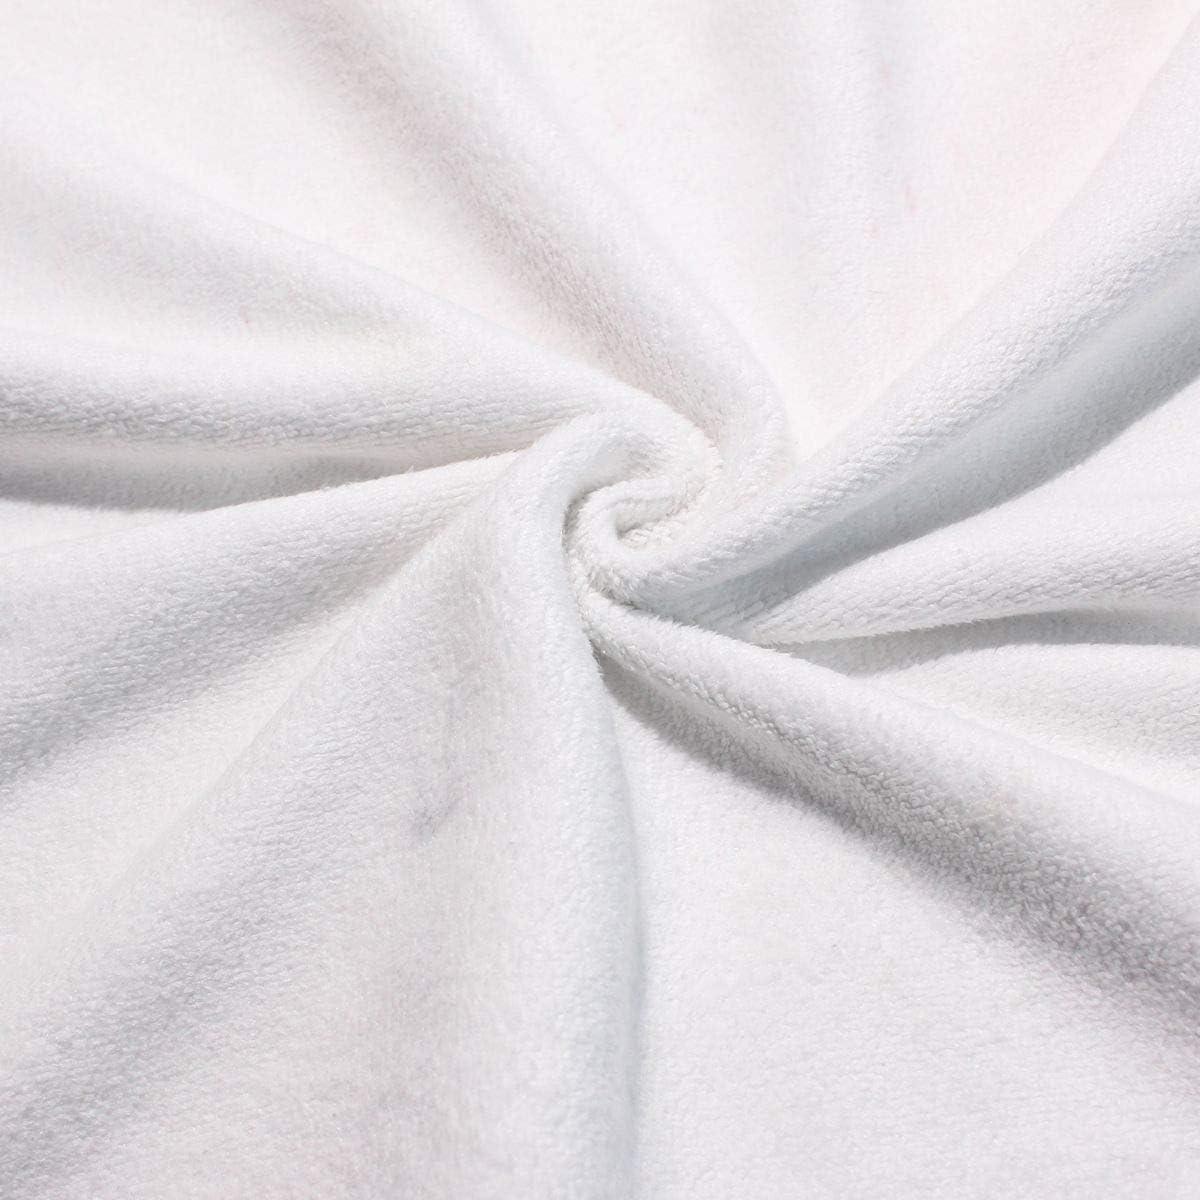 Toallas de ba/ño premium Pa/ños de lavado para el hogar Toallas con dise/ño de perro boxer hotel Toallas de ba/ño de ducha suaves y absorbentes Envoltura de gran tama/ño para spa gimnasio de piscina